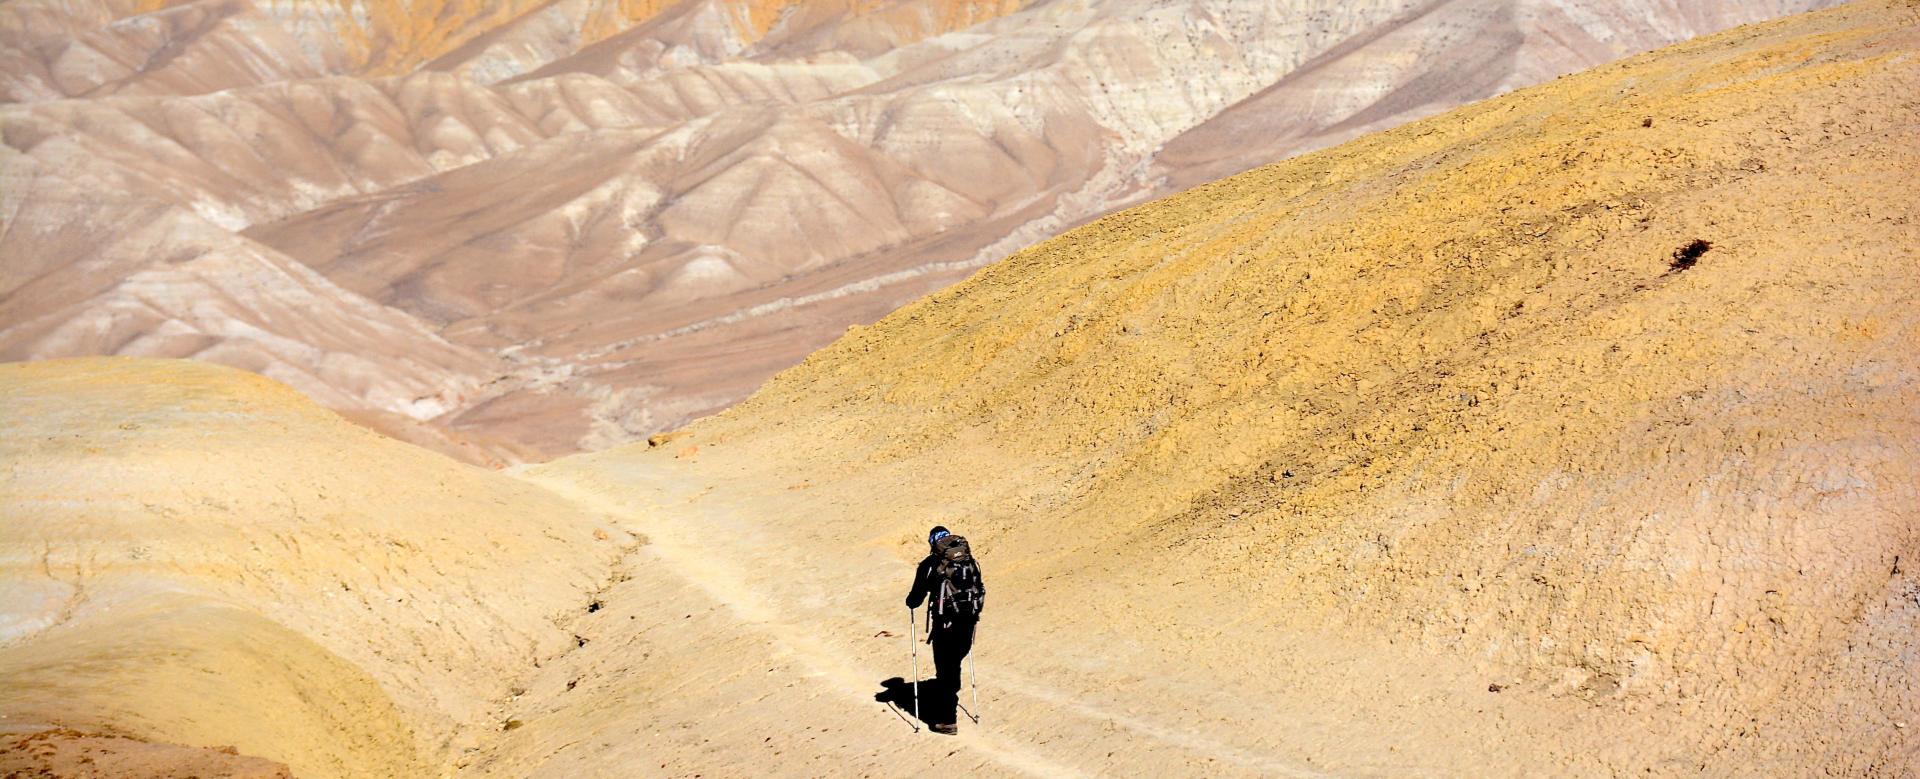 Voyage à pied : Le tour du dhaulagiri et thapa peak (6012 m)